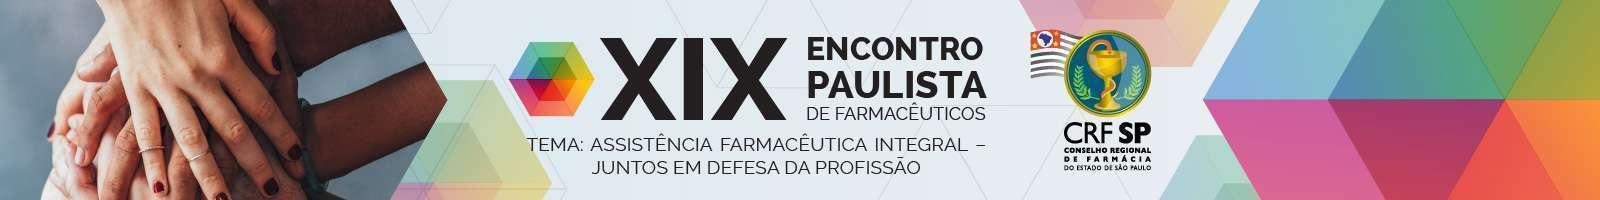 XIX Encontro Paulista de Farmacêuticos [rotativo 2]